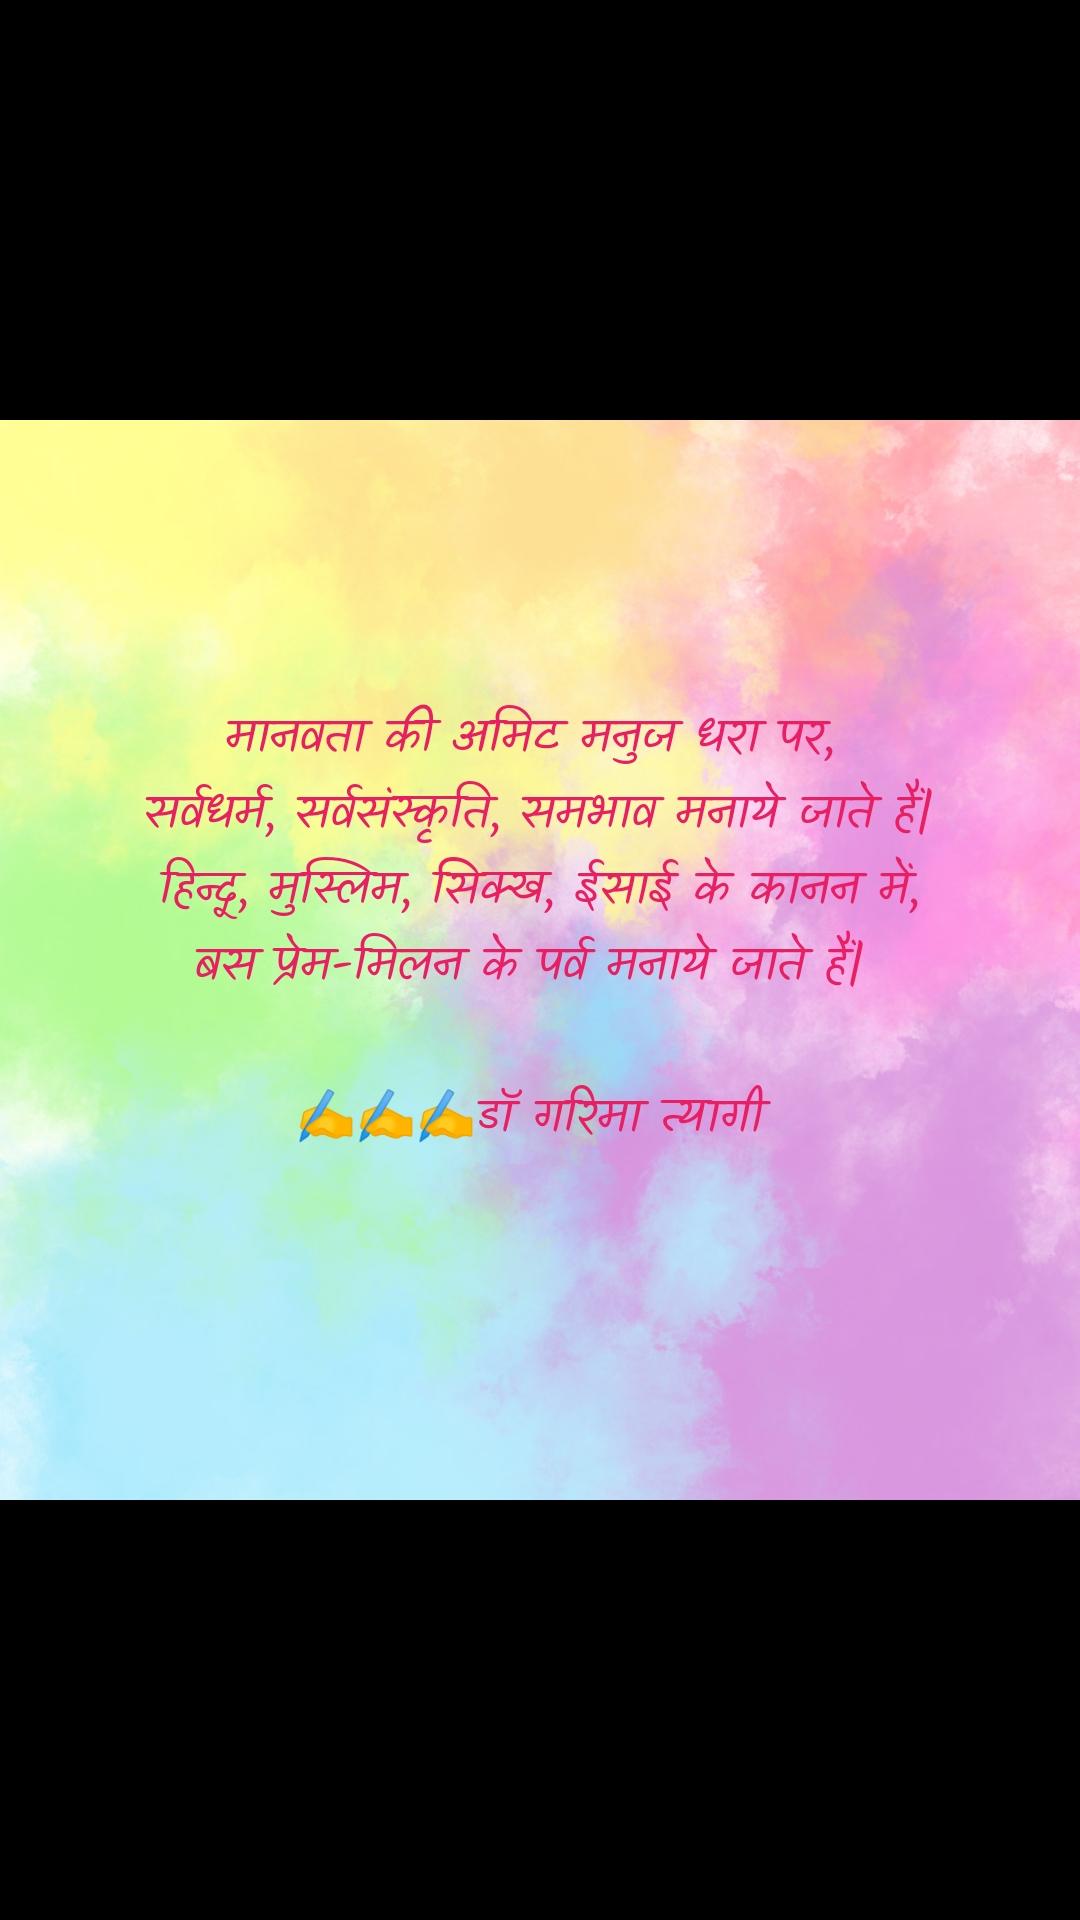 मानवता की अमिट मनुज धरा पर,  सर्वधर्म, सर्वसंस्कृति, समभाव मनाये जाते हैं  हिन्दू, मुस्लिम, सिक्ख, ईसाई के कानन में, बस प्रेम-मिलन के पर्व मनाये जाते हैं    ✍️✍️✍️डॉ गरिमा त्यागी